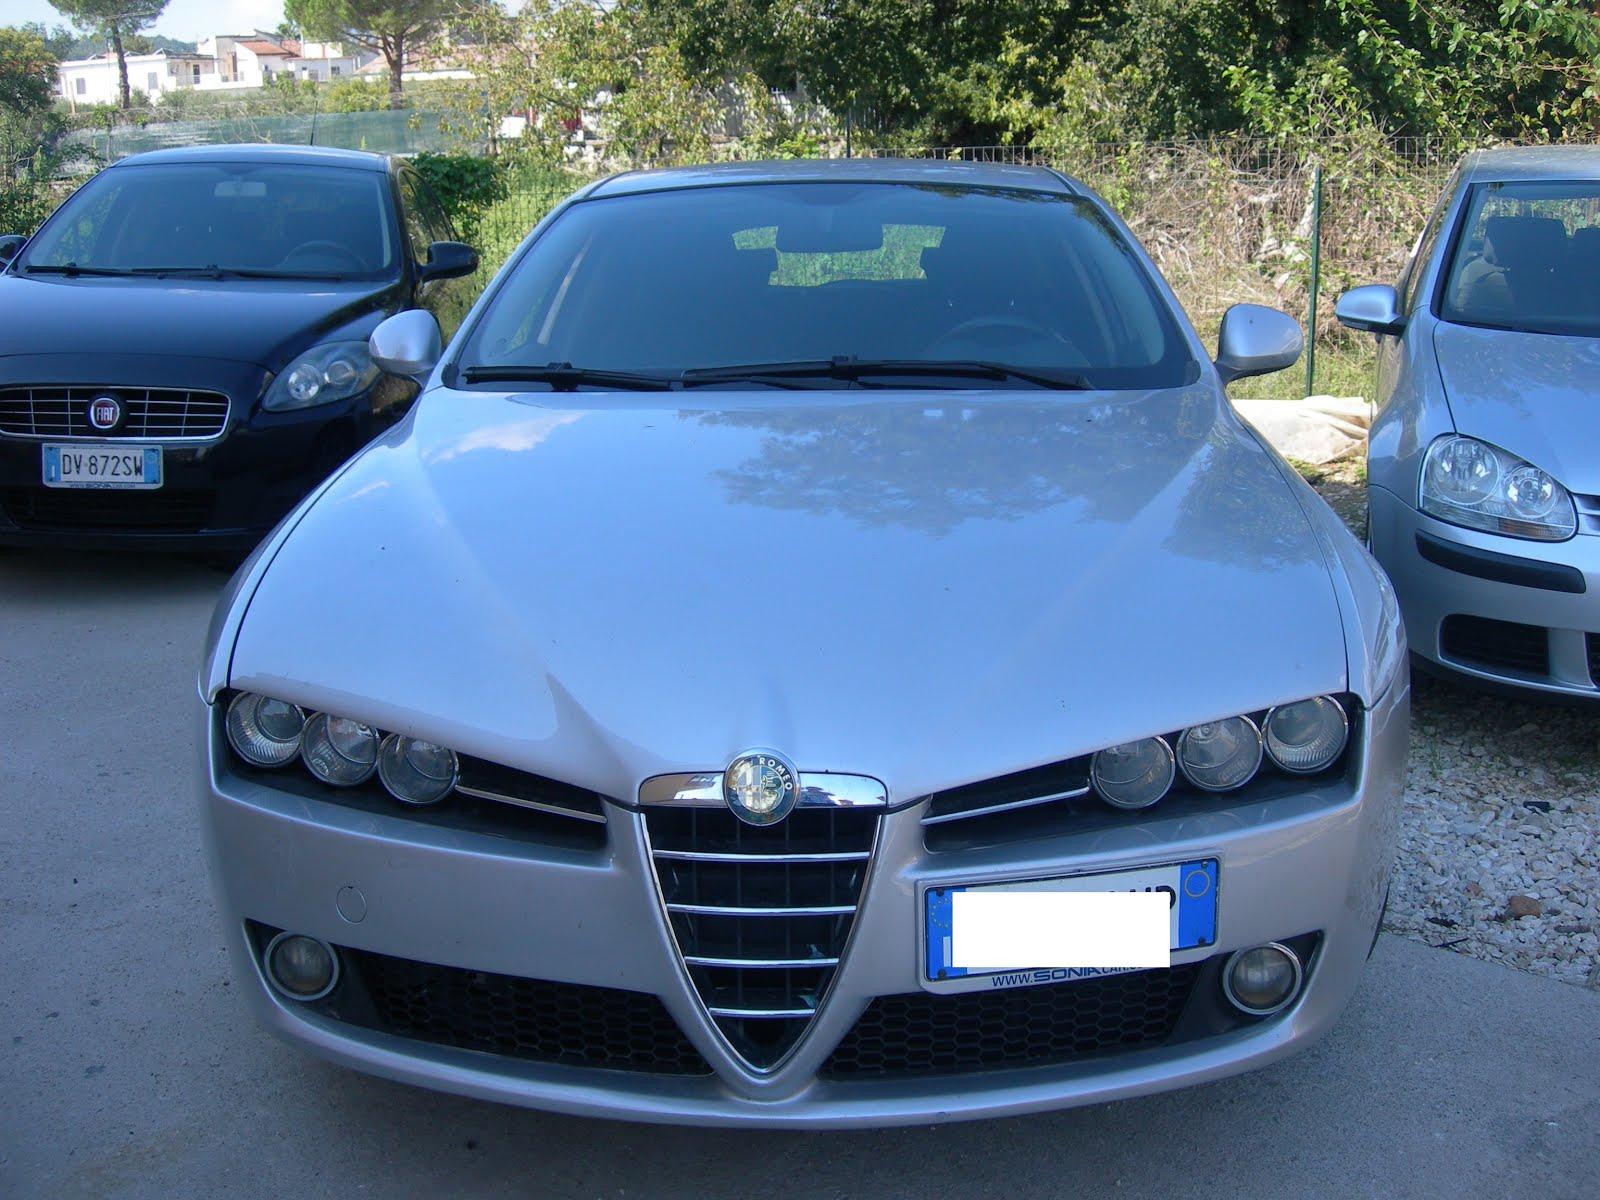 ALFA ROMEO 159 1.9 JTD-m 150 CV ANNO 2008 127.000 KM PREZZO 6.000,00 EURO